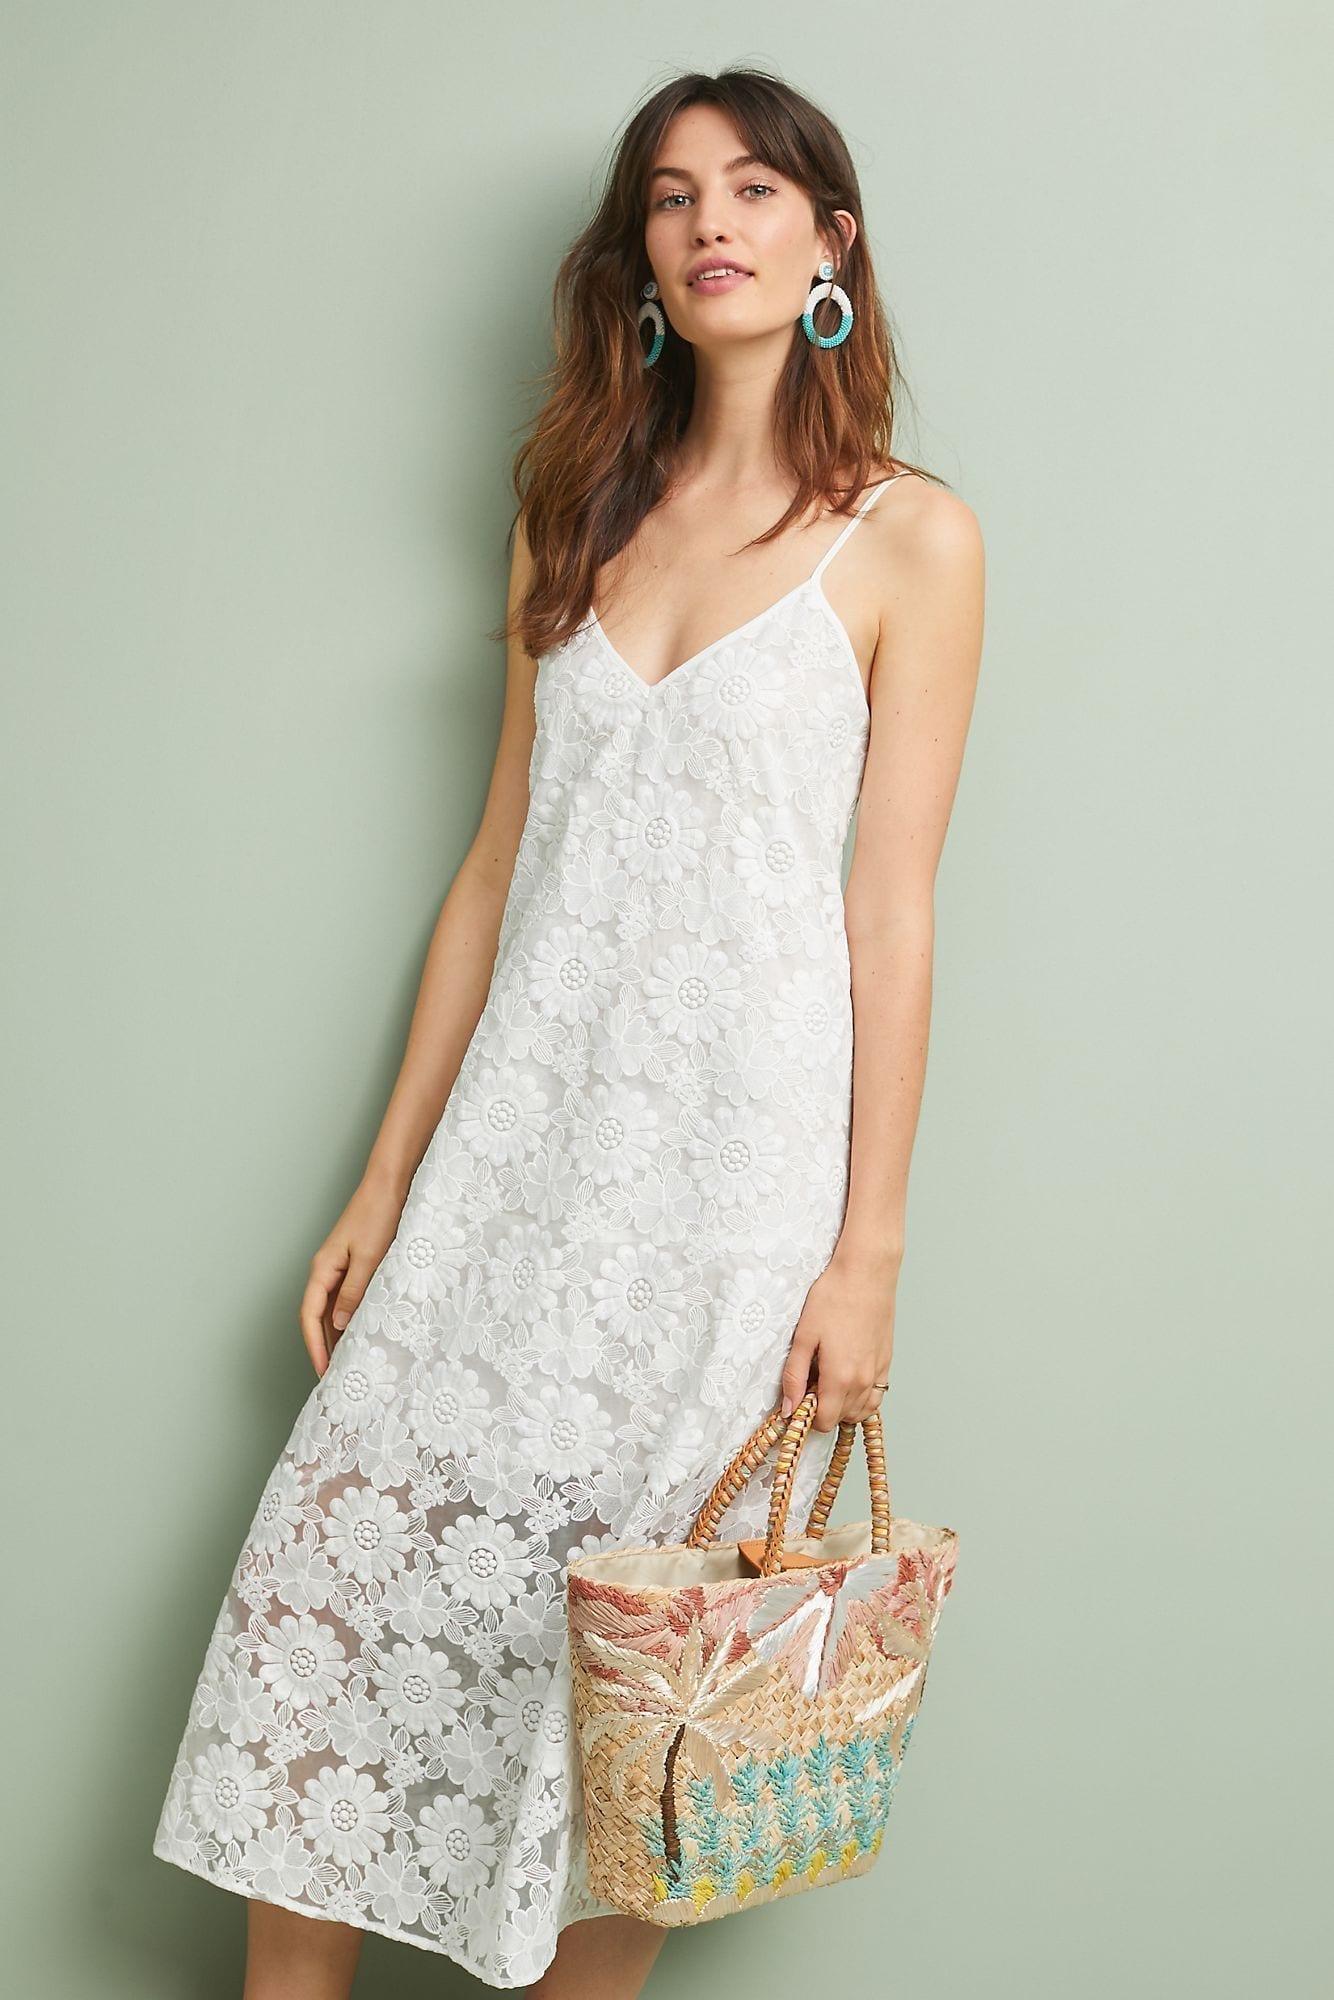 CYNTHIA ROWLEY Maya Lace Slip White Dress